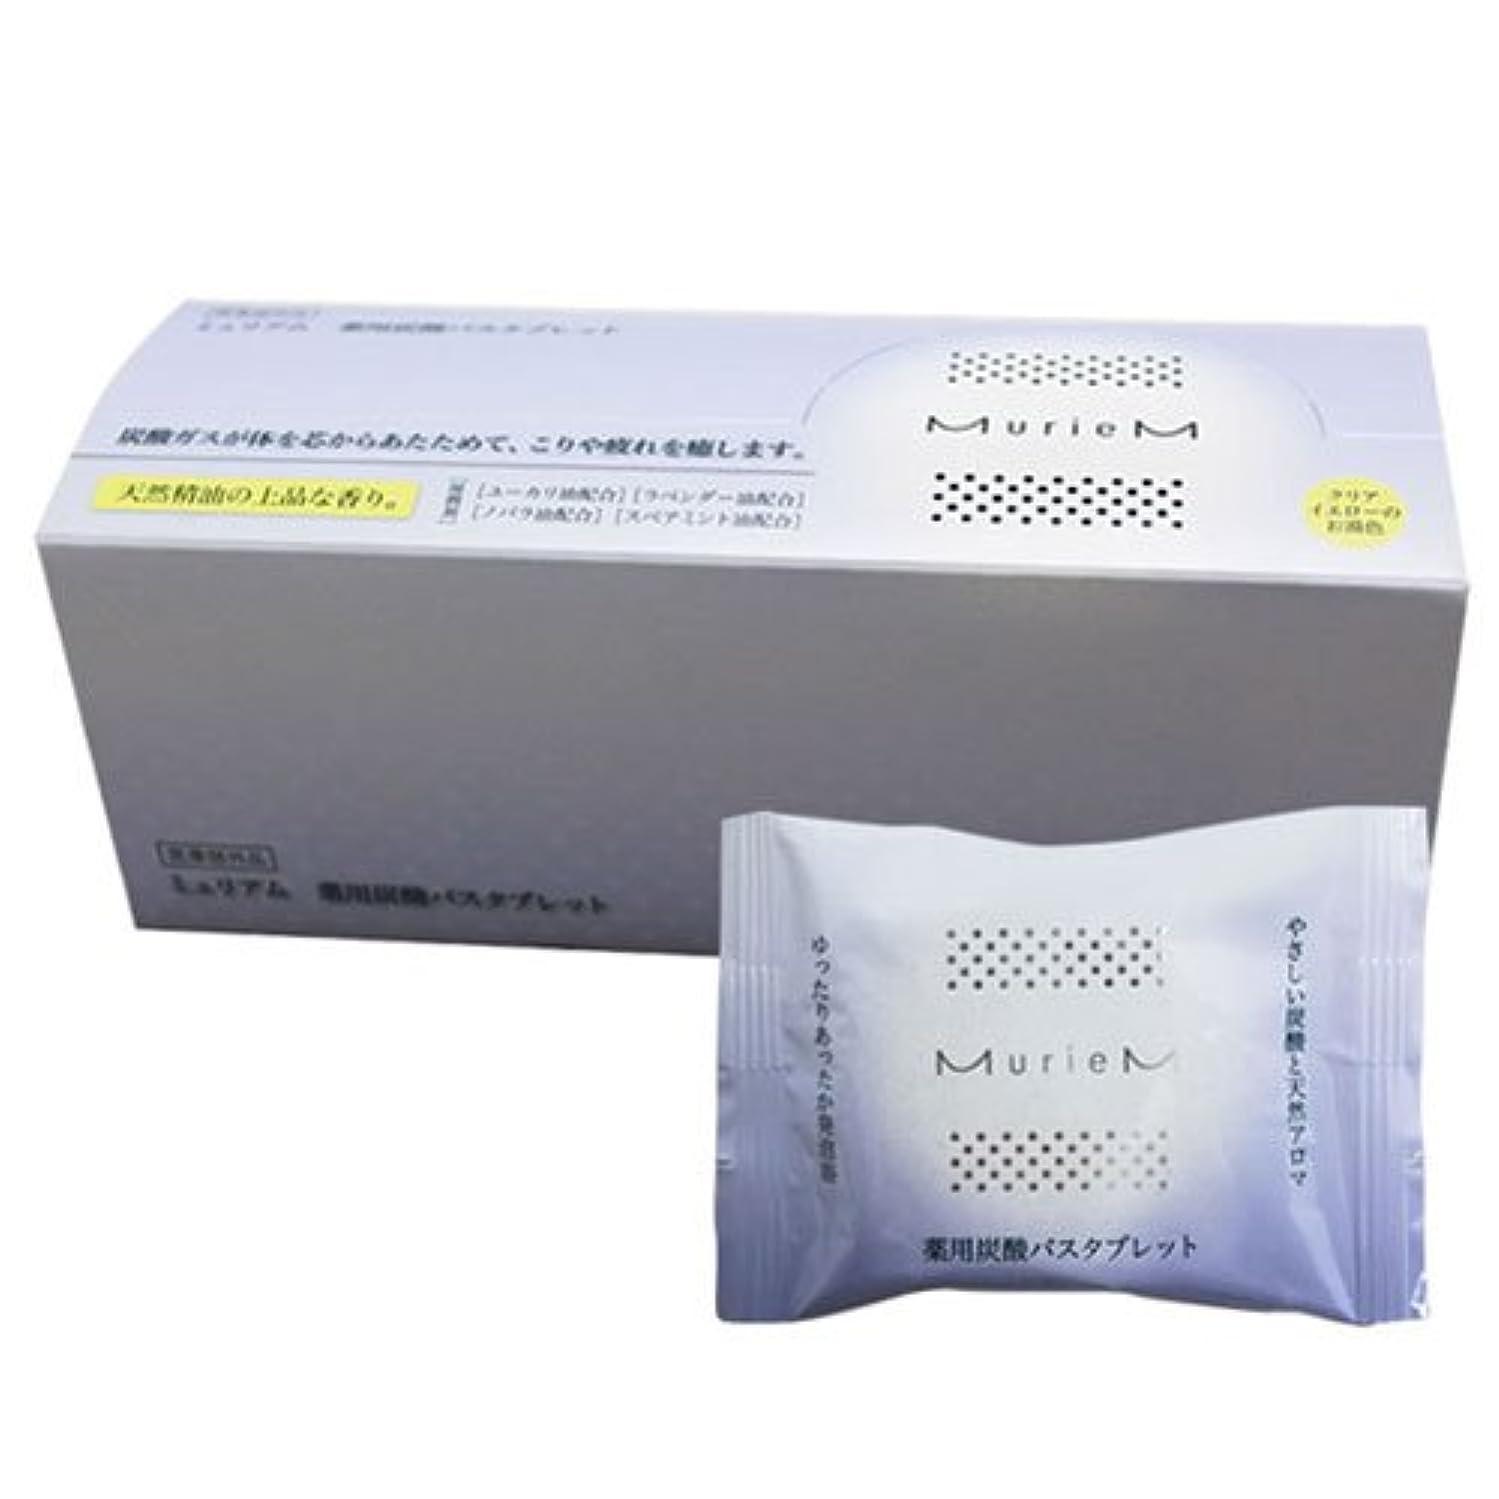 リア王第九クスクスナンバースリー ミュリアム 薬用炭酸バスタブレット 30g×10包 [医薬部外品]